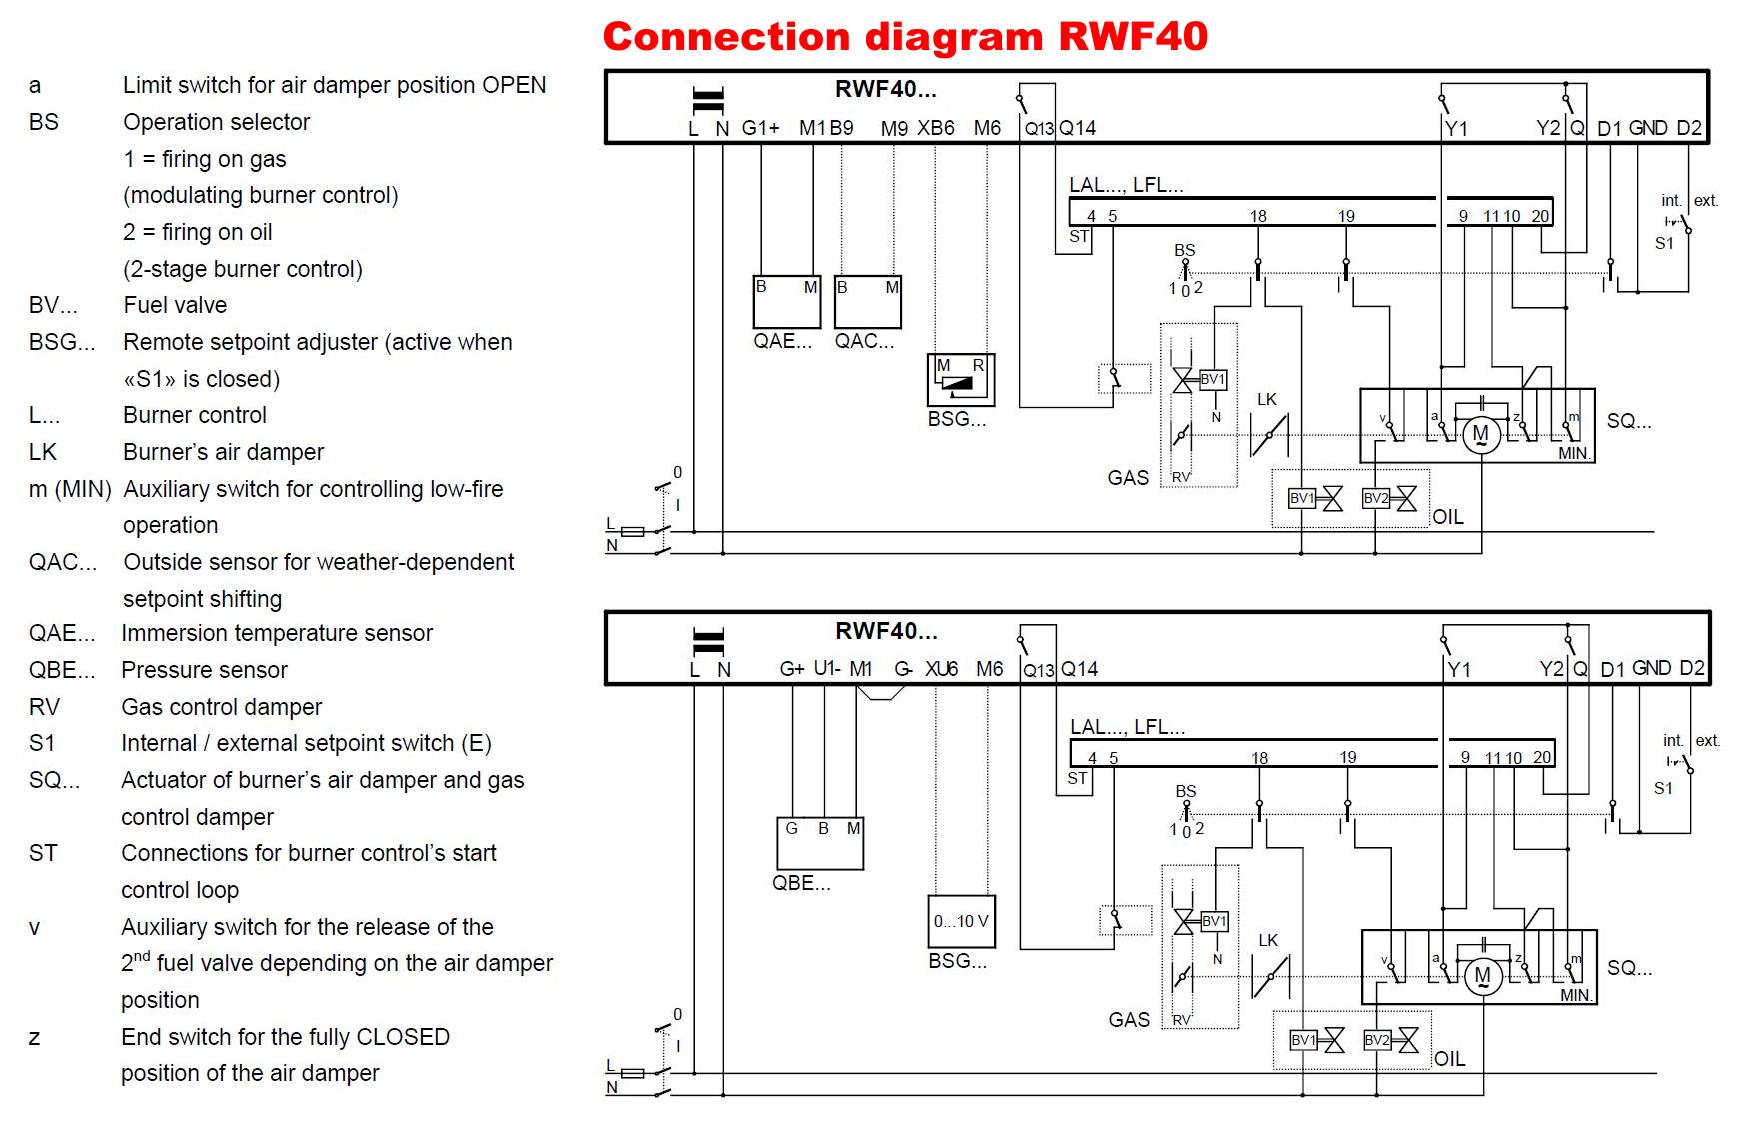 SIEMENS RWF40… SCHEMA_ELECTRICA